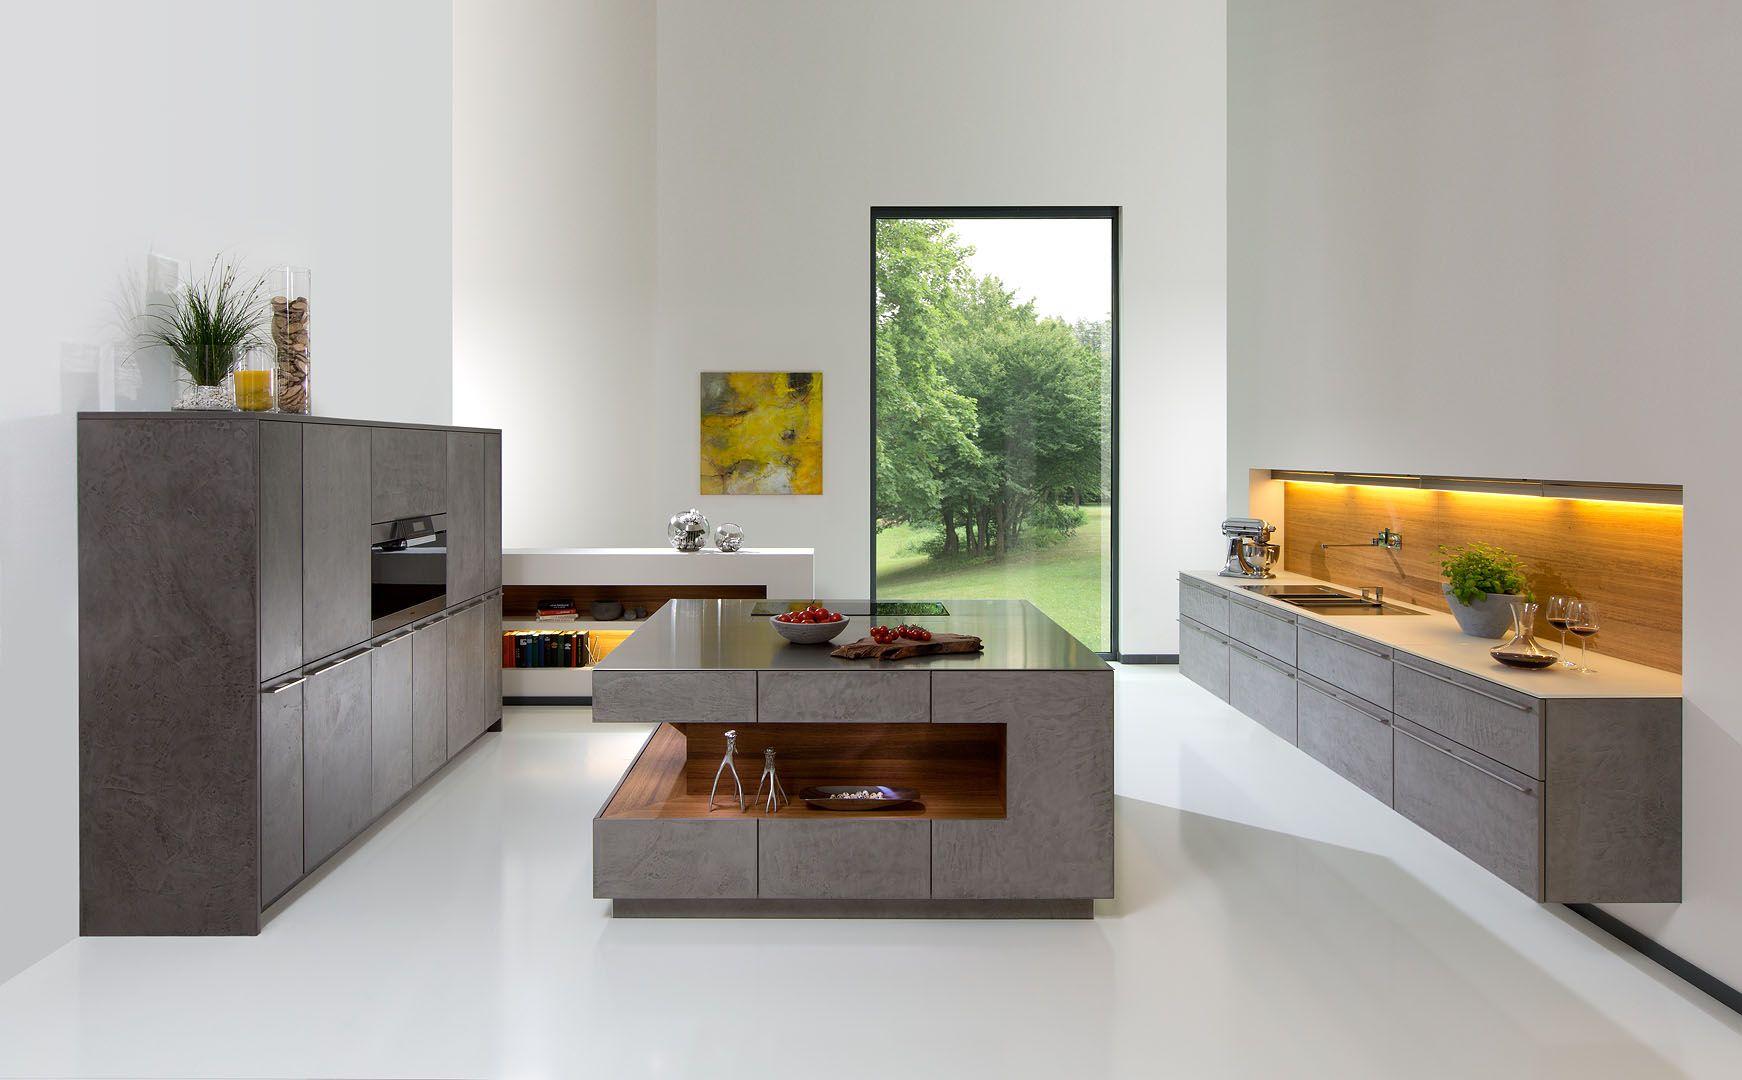 eine moderne Kochinsel für luxuriöse Küchen | Kochinsel, Moderne ...